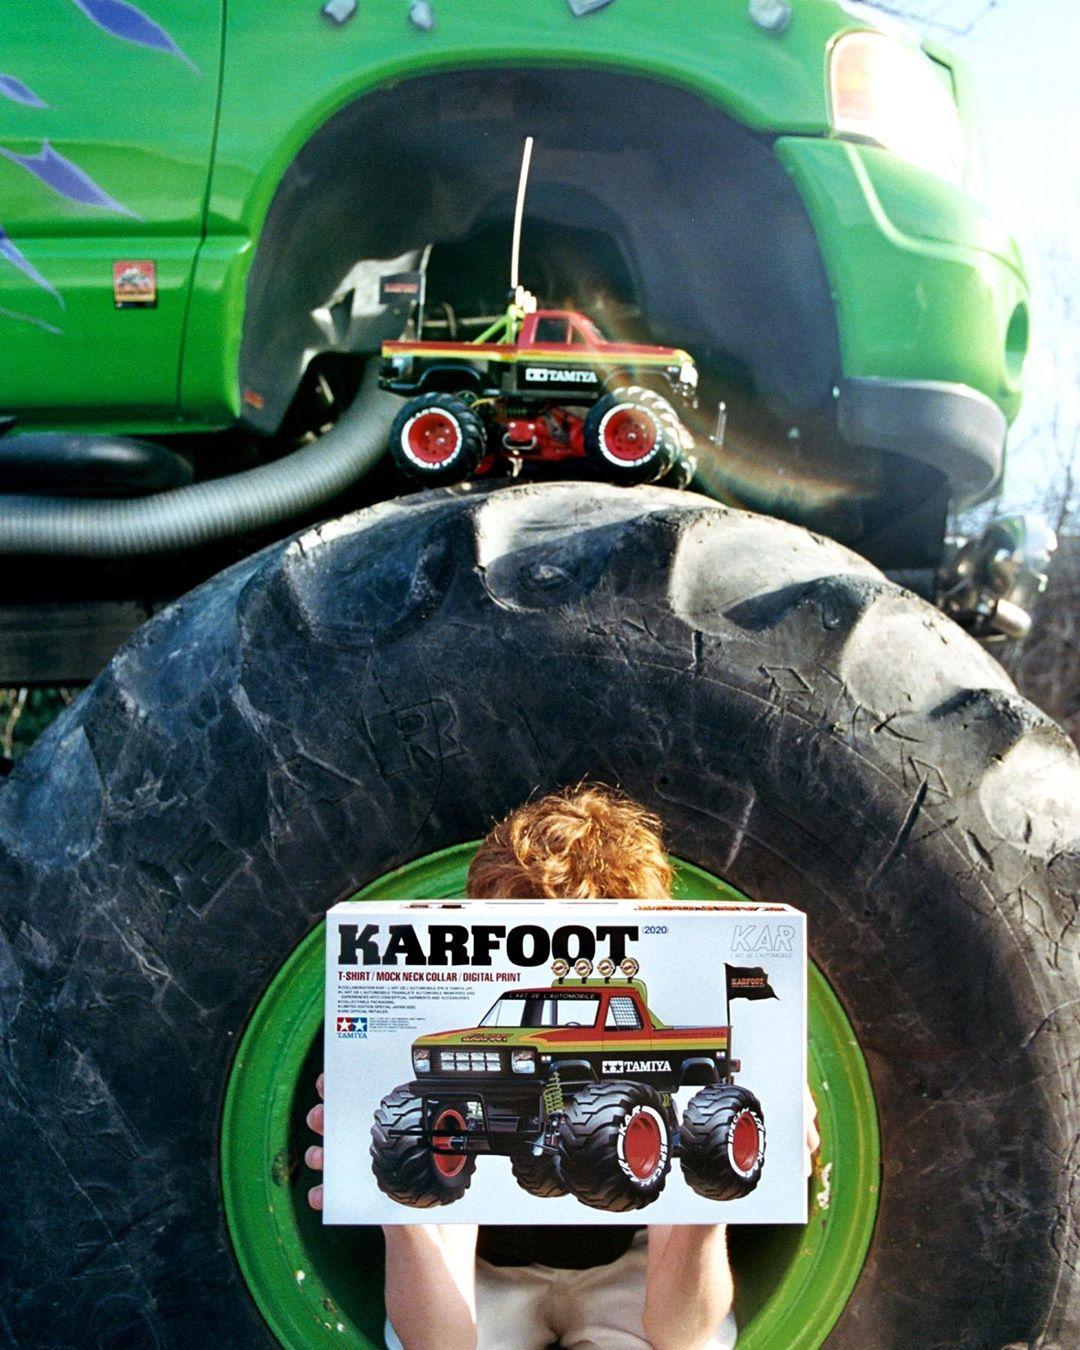 Présentation du KARFOOT, première collaboration entre L'art de l'automobile et Tamiya